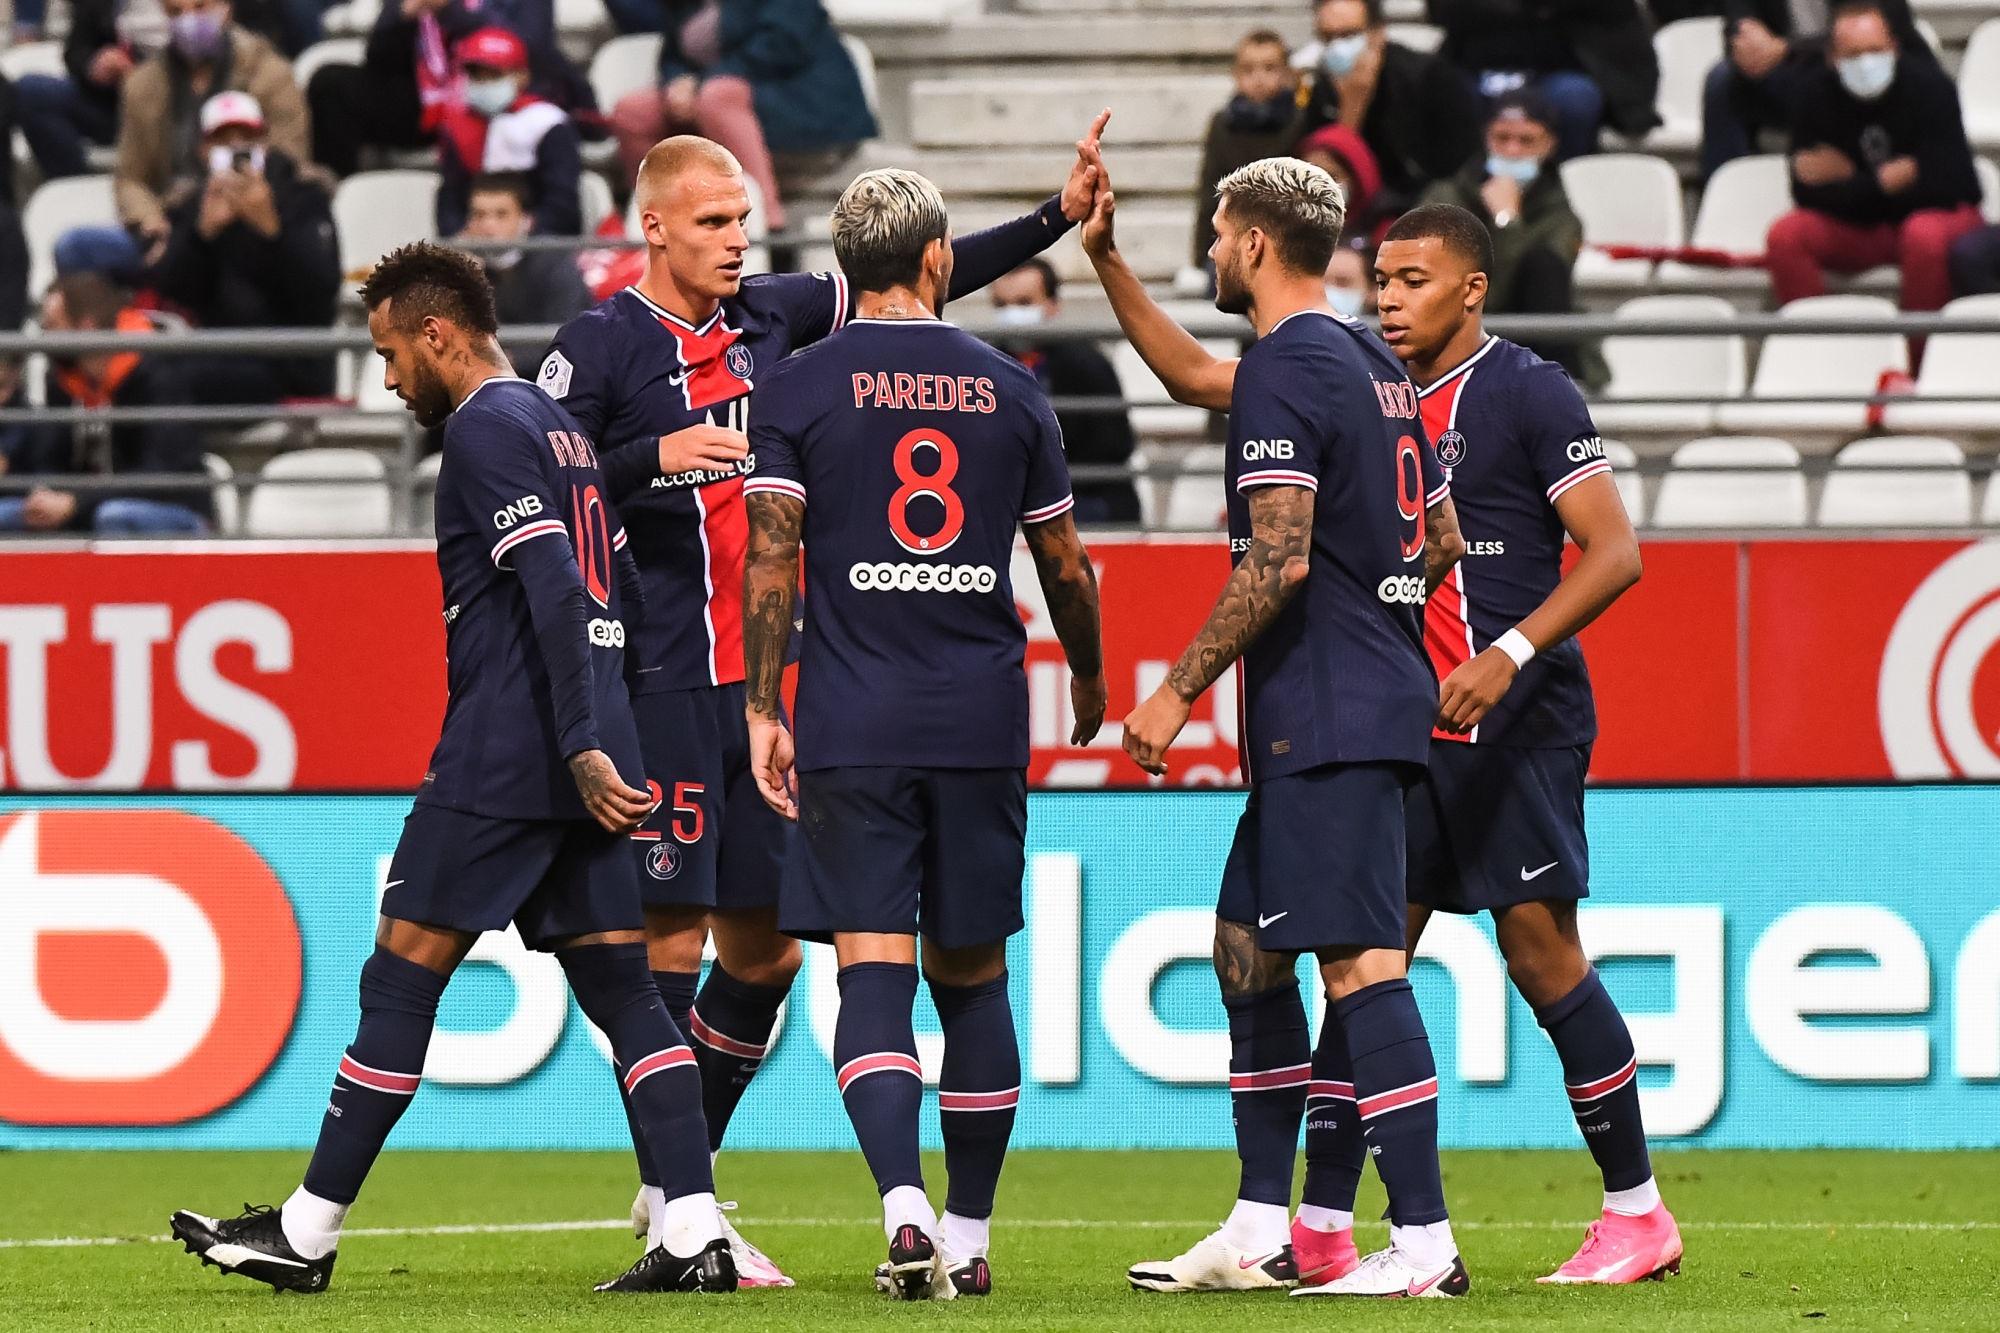 Revivez la victoire du PSG à Reims au plus près des joueurs